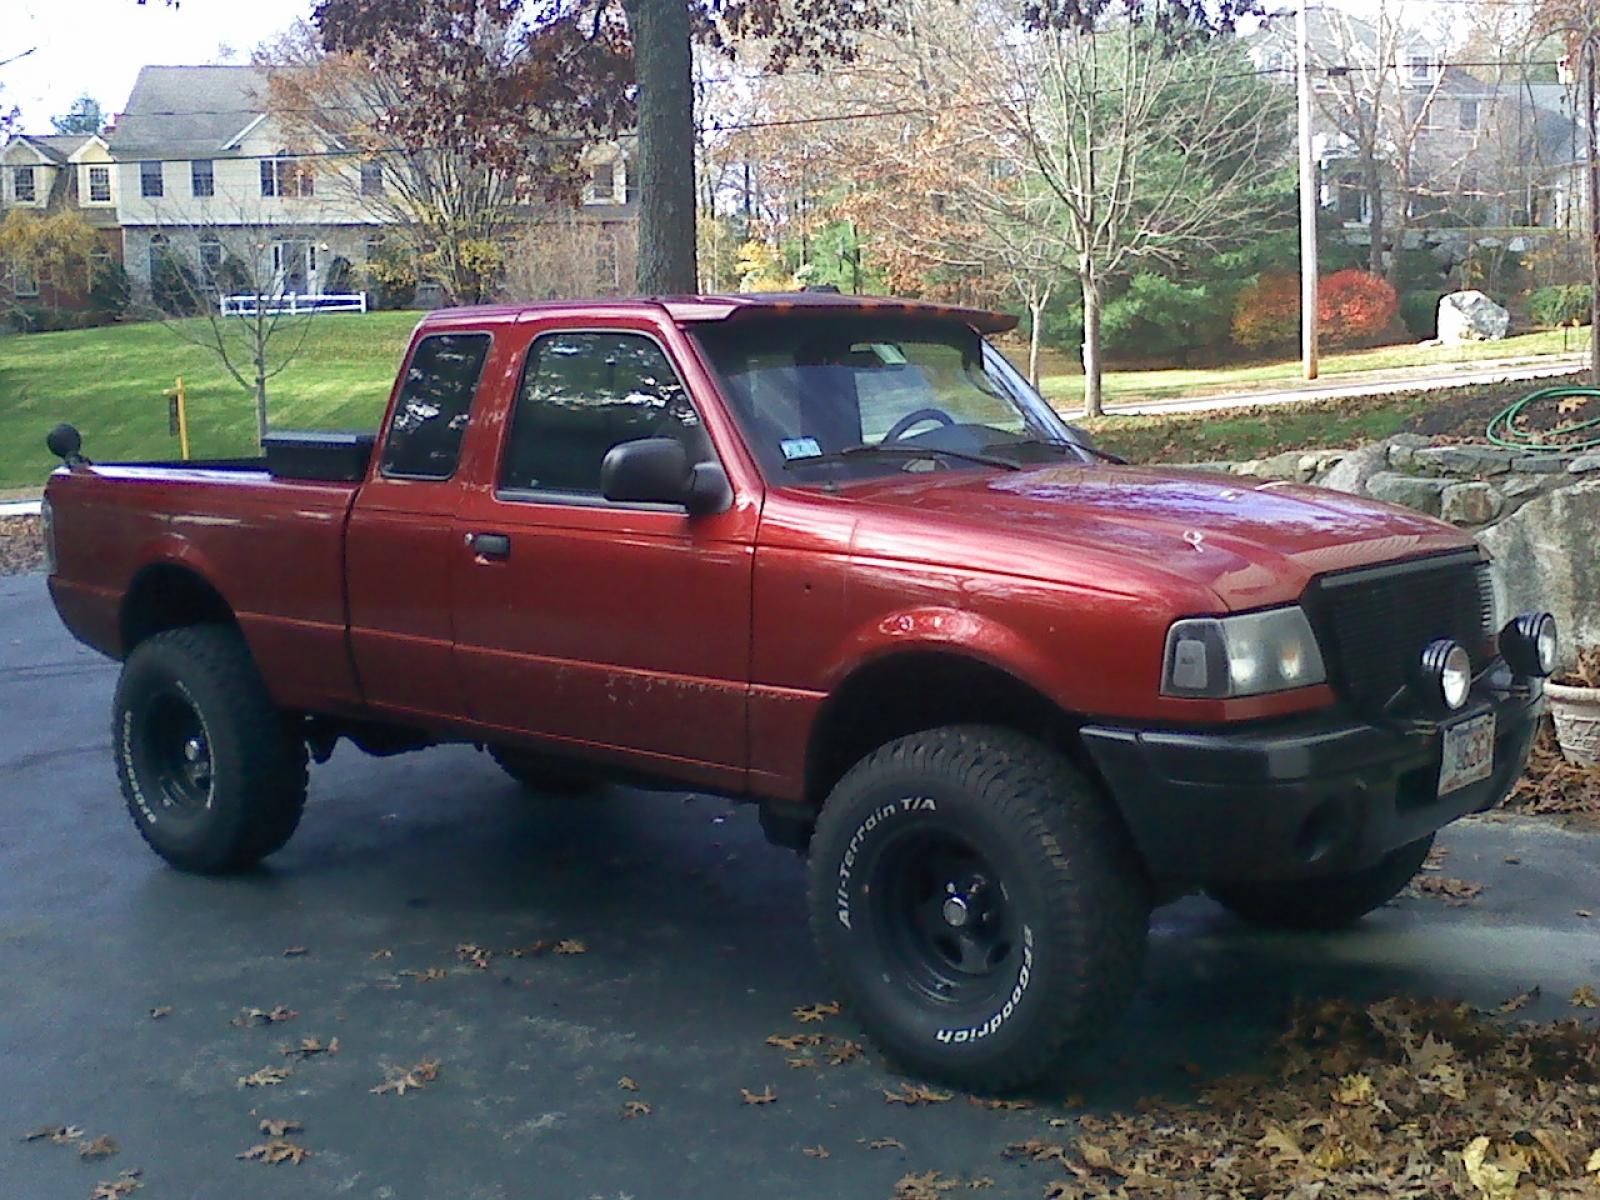 800 1024 1280 1600 Origin 2004 Ford Ranger